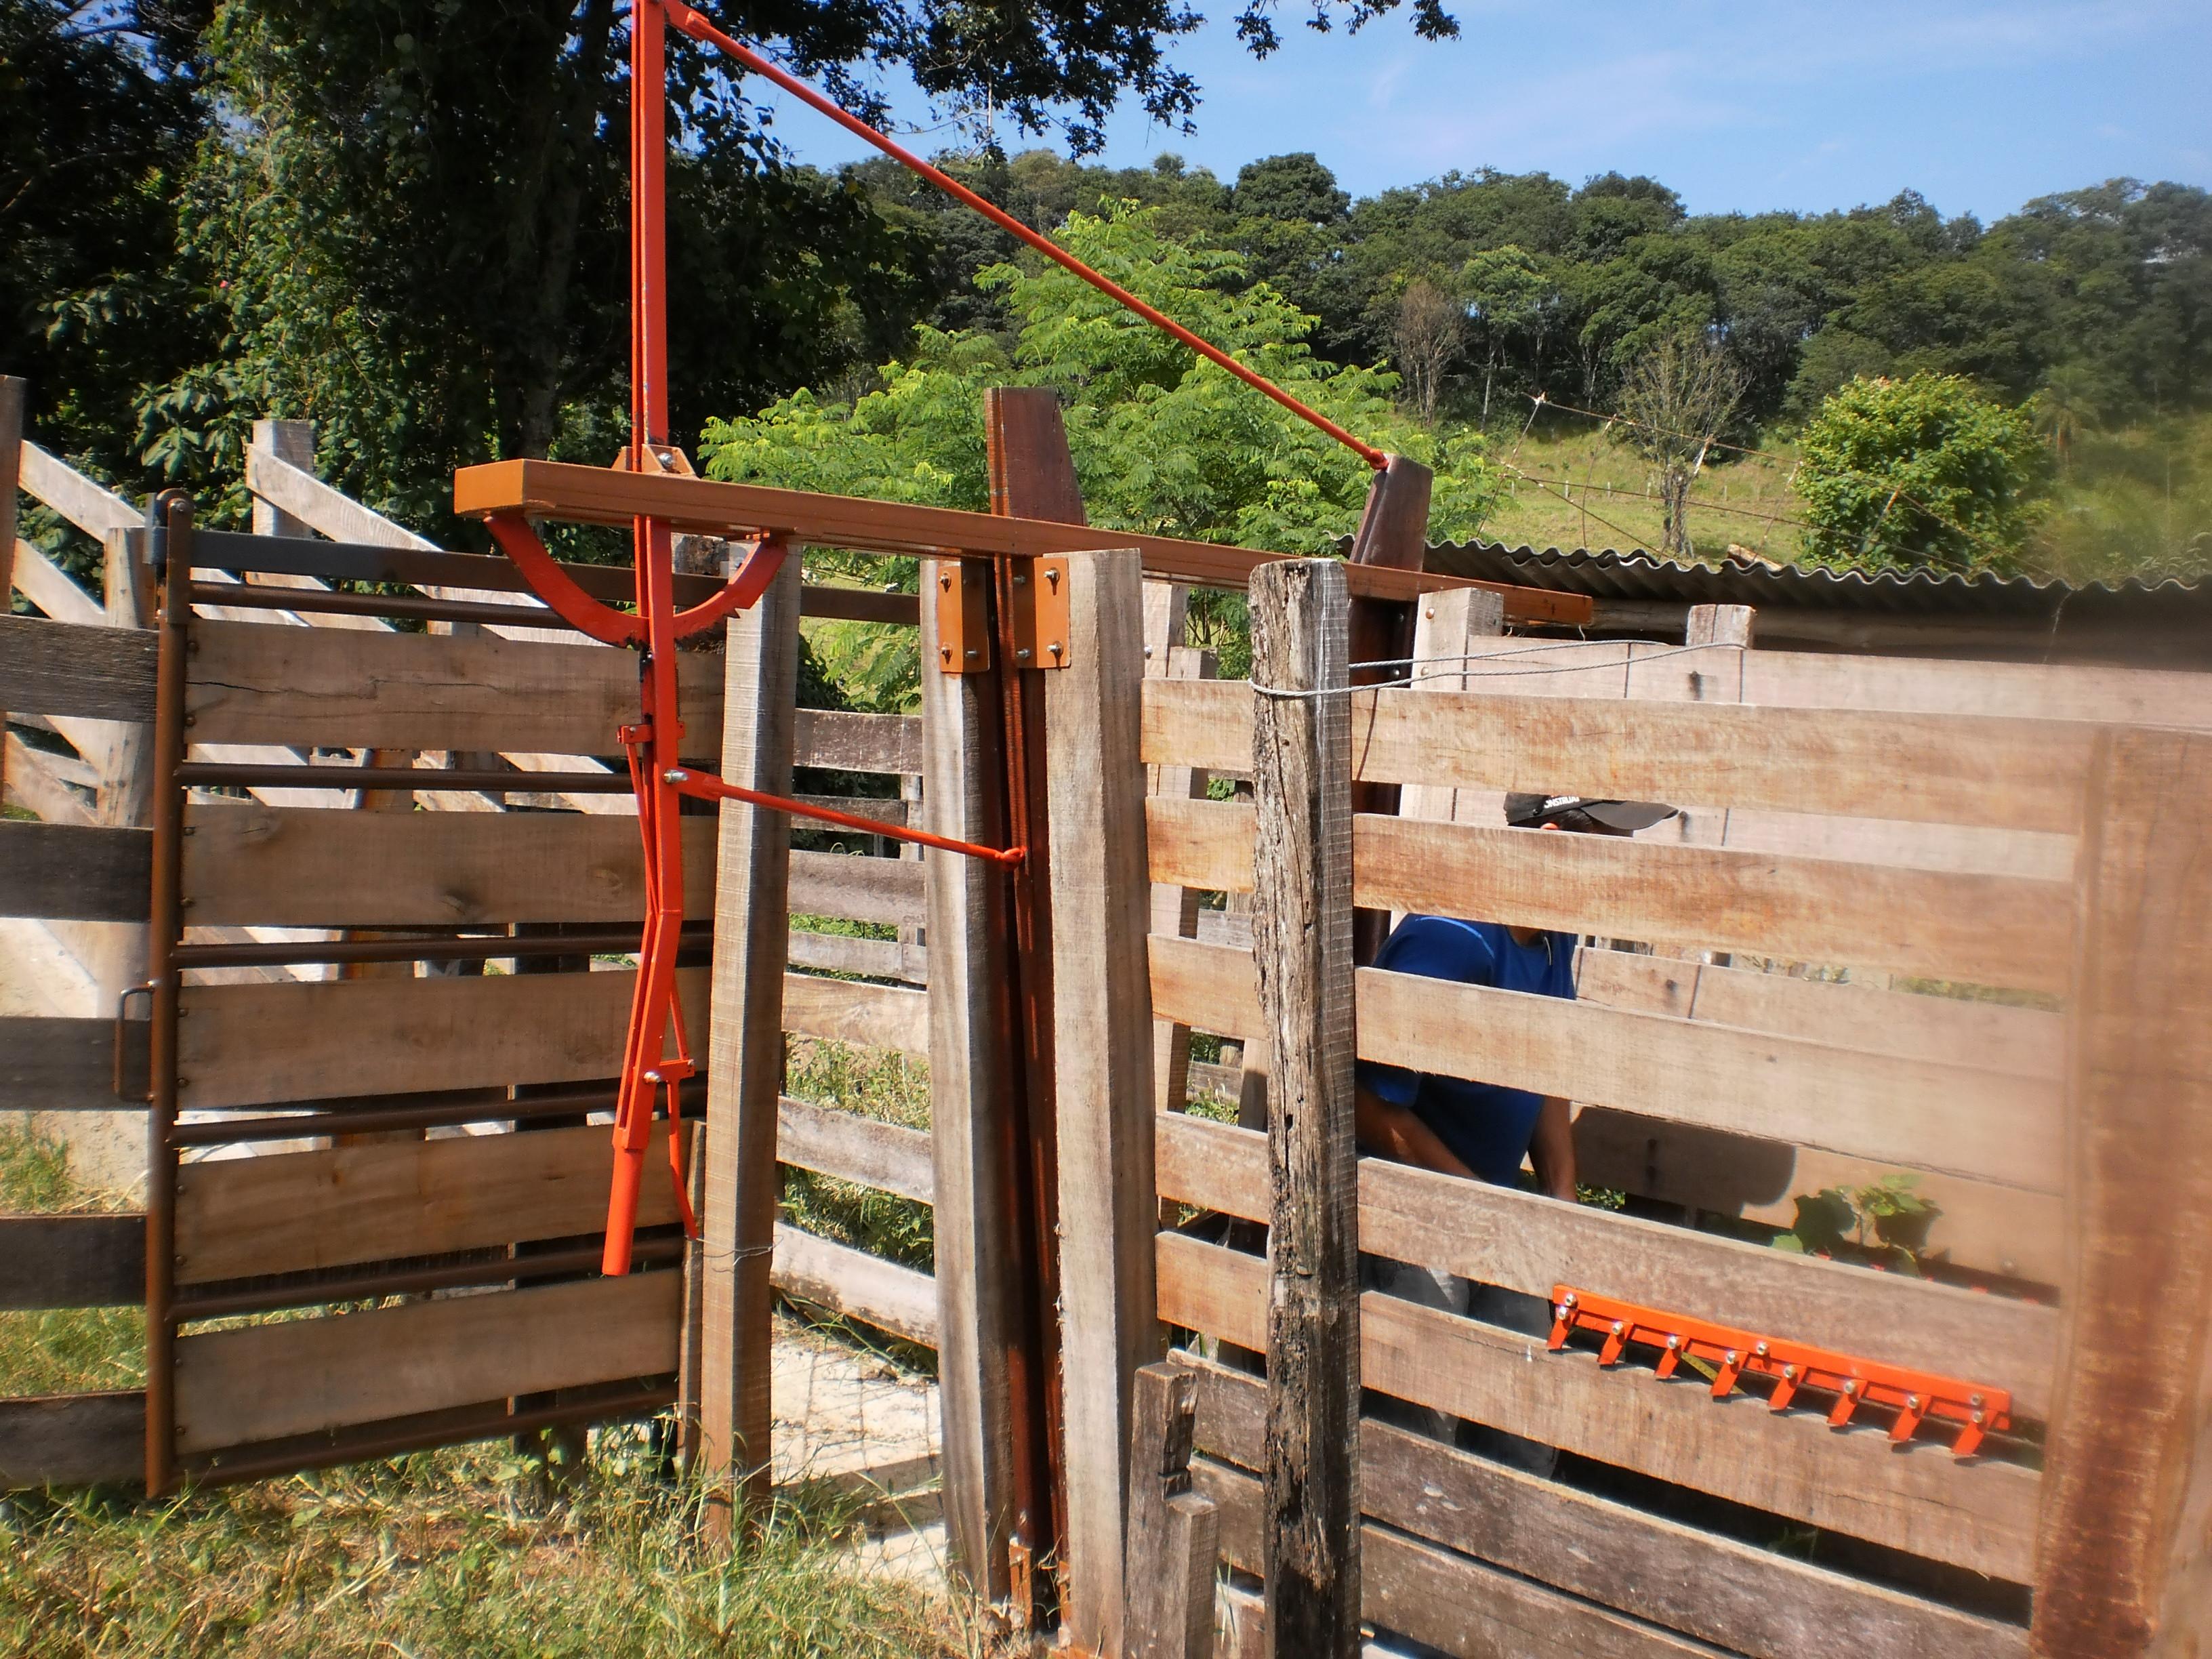 Pescoceira instalada tronco